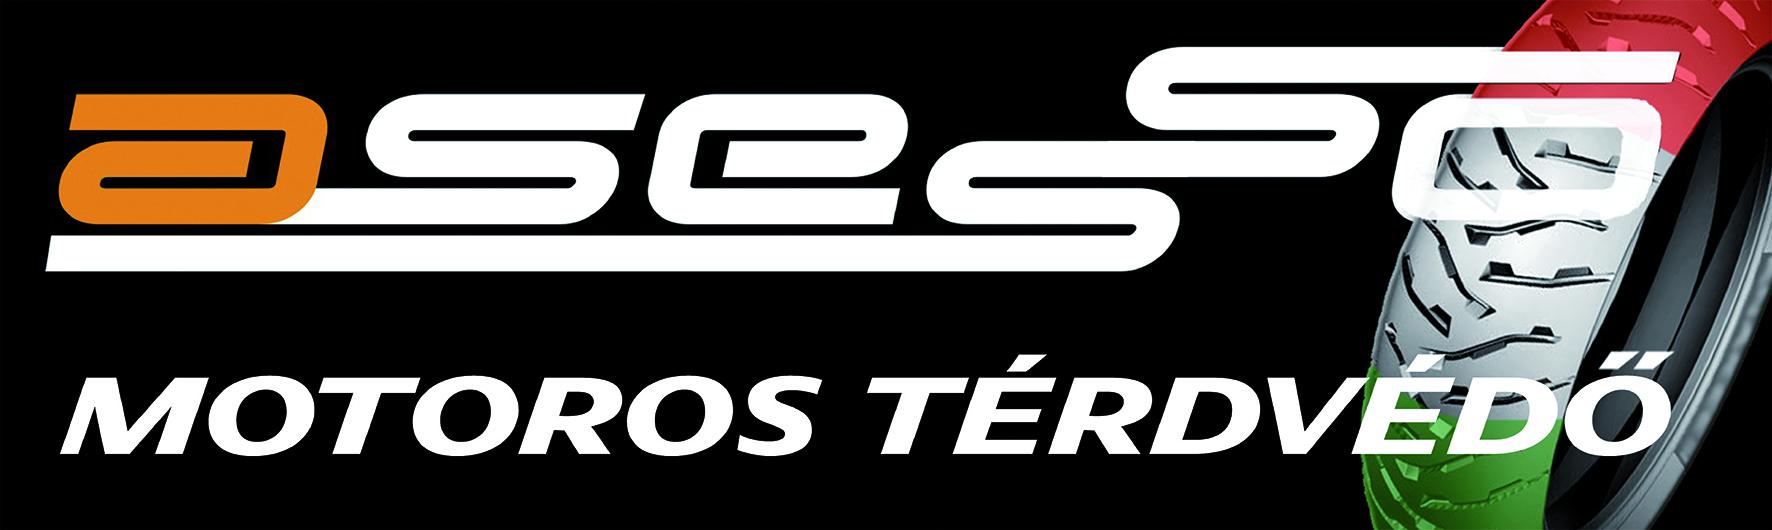 asesso_logo.jpg